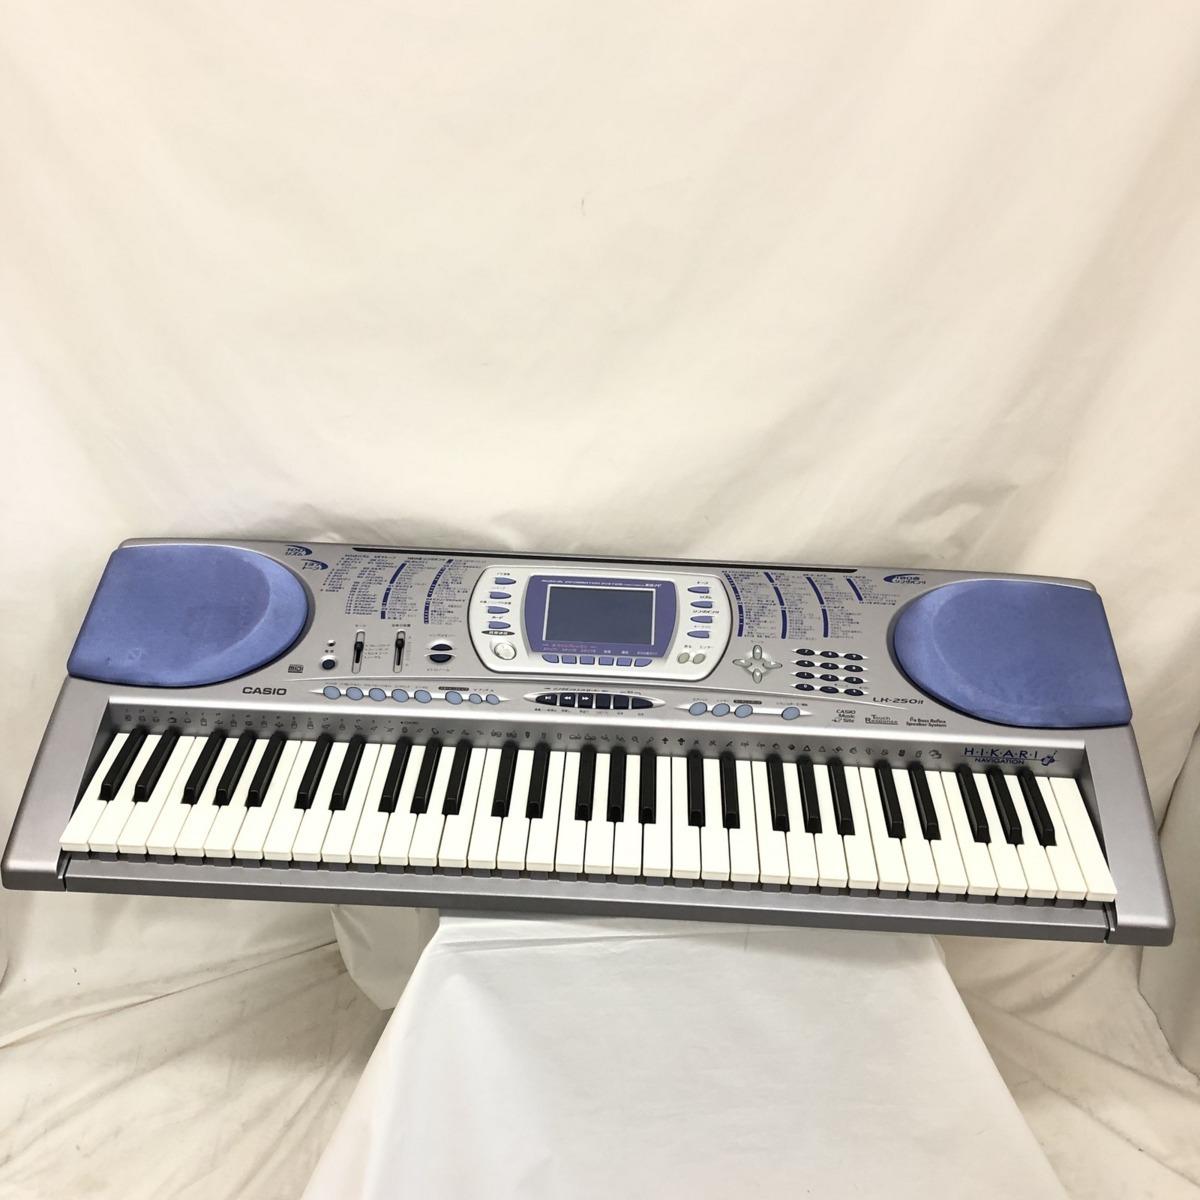 中古 CASIO カシオ 電子キーボード LK-250it 光ナビゲーション ケイタイリンク シルバー ブルー 電子ピアノ 鍵盤楽器 アダプター付 H15354_画像1